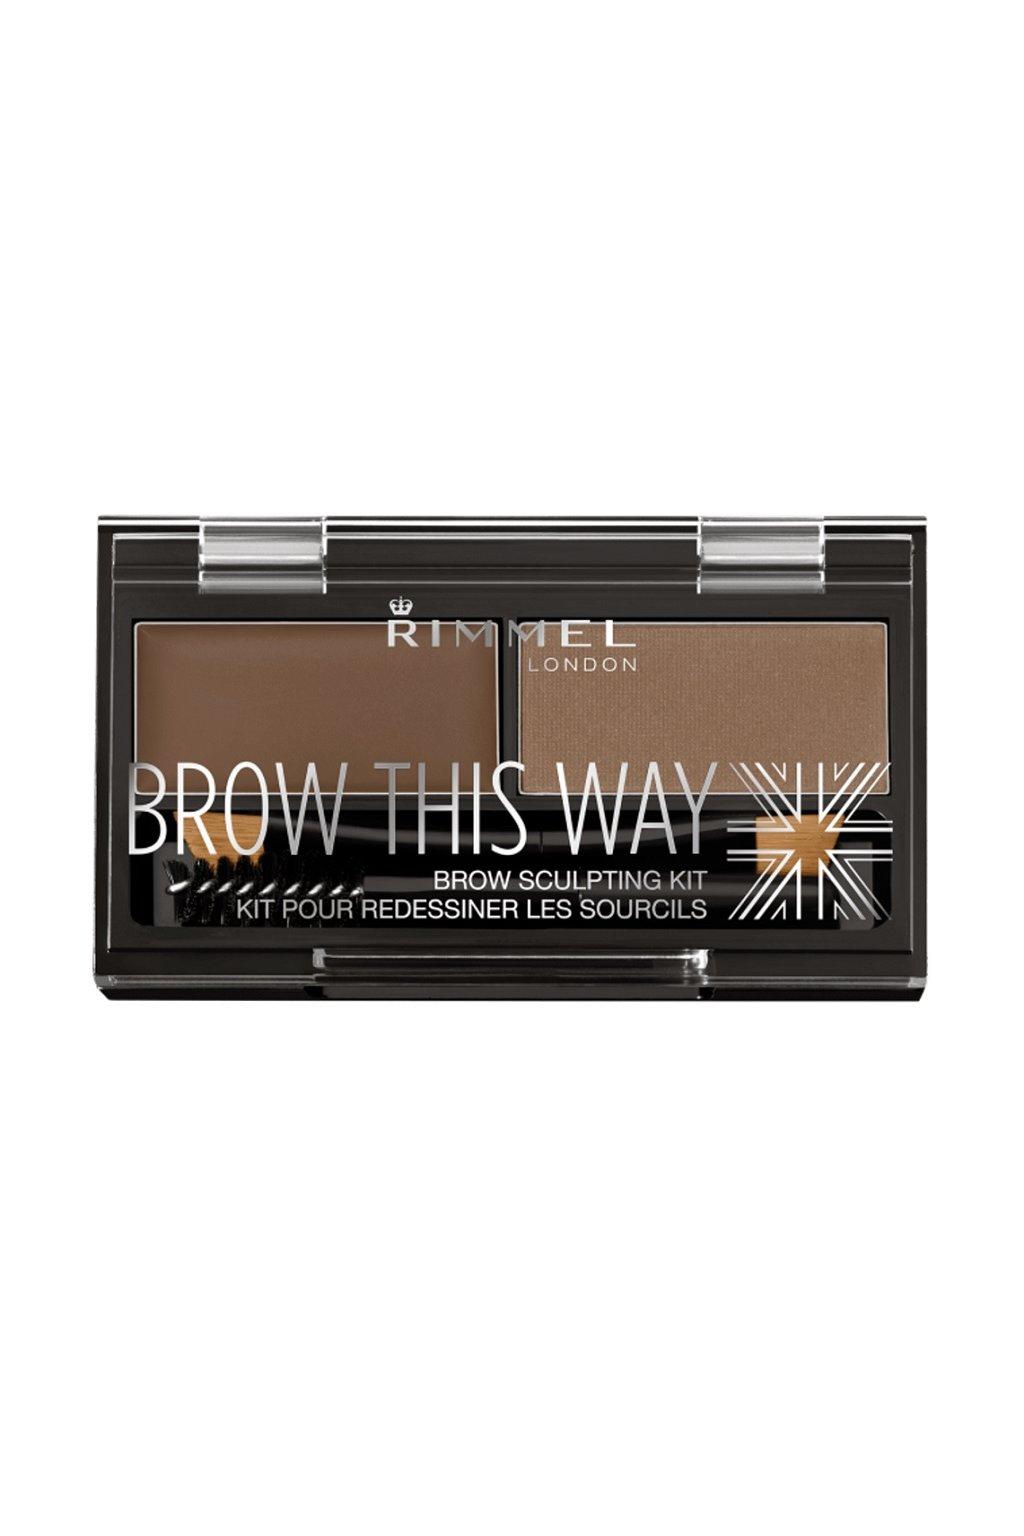 rimmel paletka pro dokonale oboci brow this way powder kit 002 medium brown 2 4 g